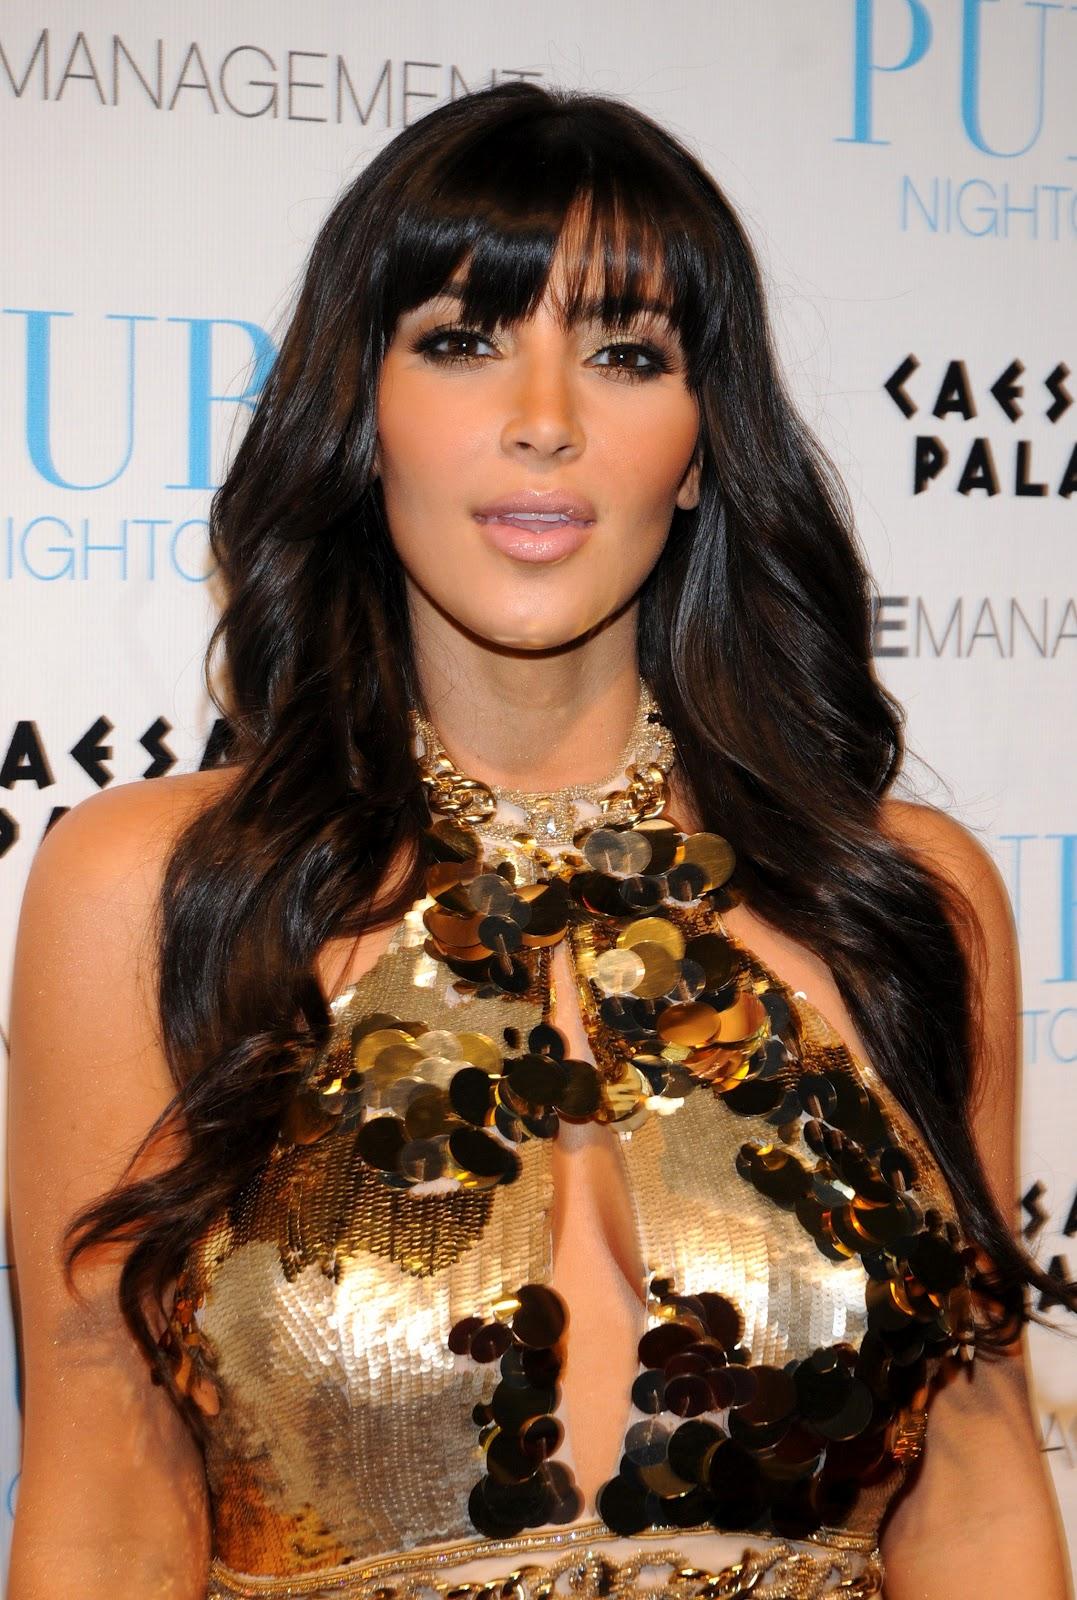 http://2.bp.blogspot.com/-F7R8_dXo47Y/UAamqp7djiI/AAAAAAAAASM/yq0VpIJoLts/s1600/Kim-Kardashian+picture02.jpg